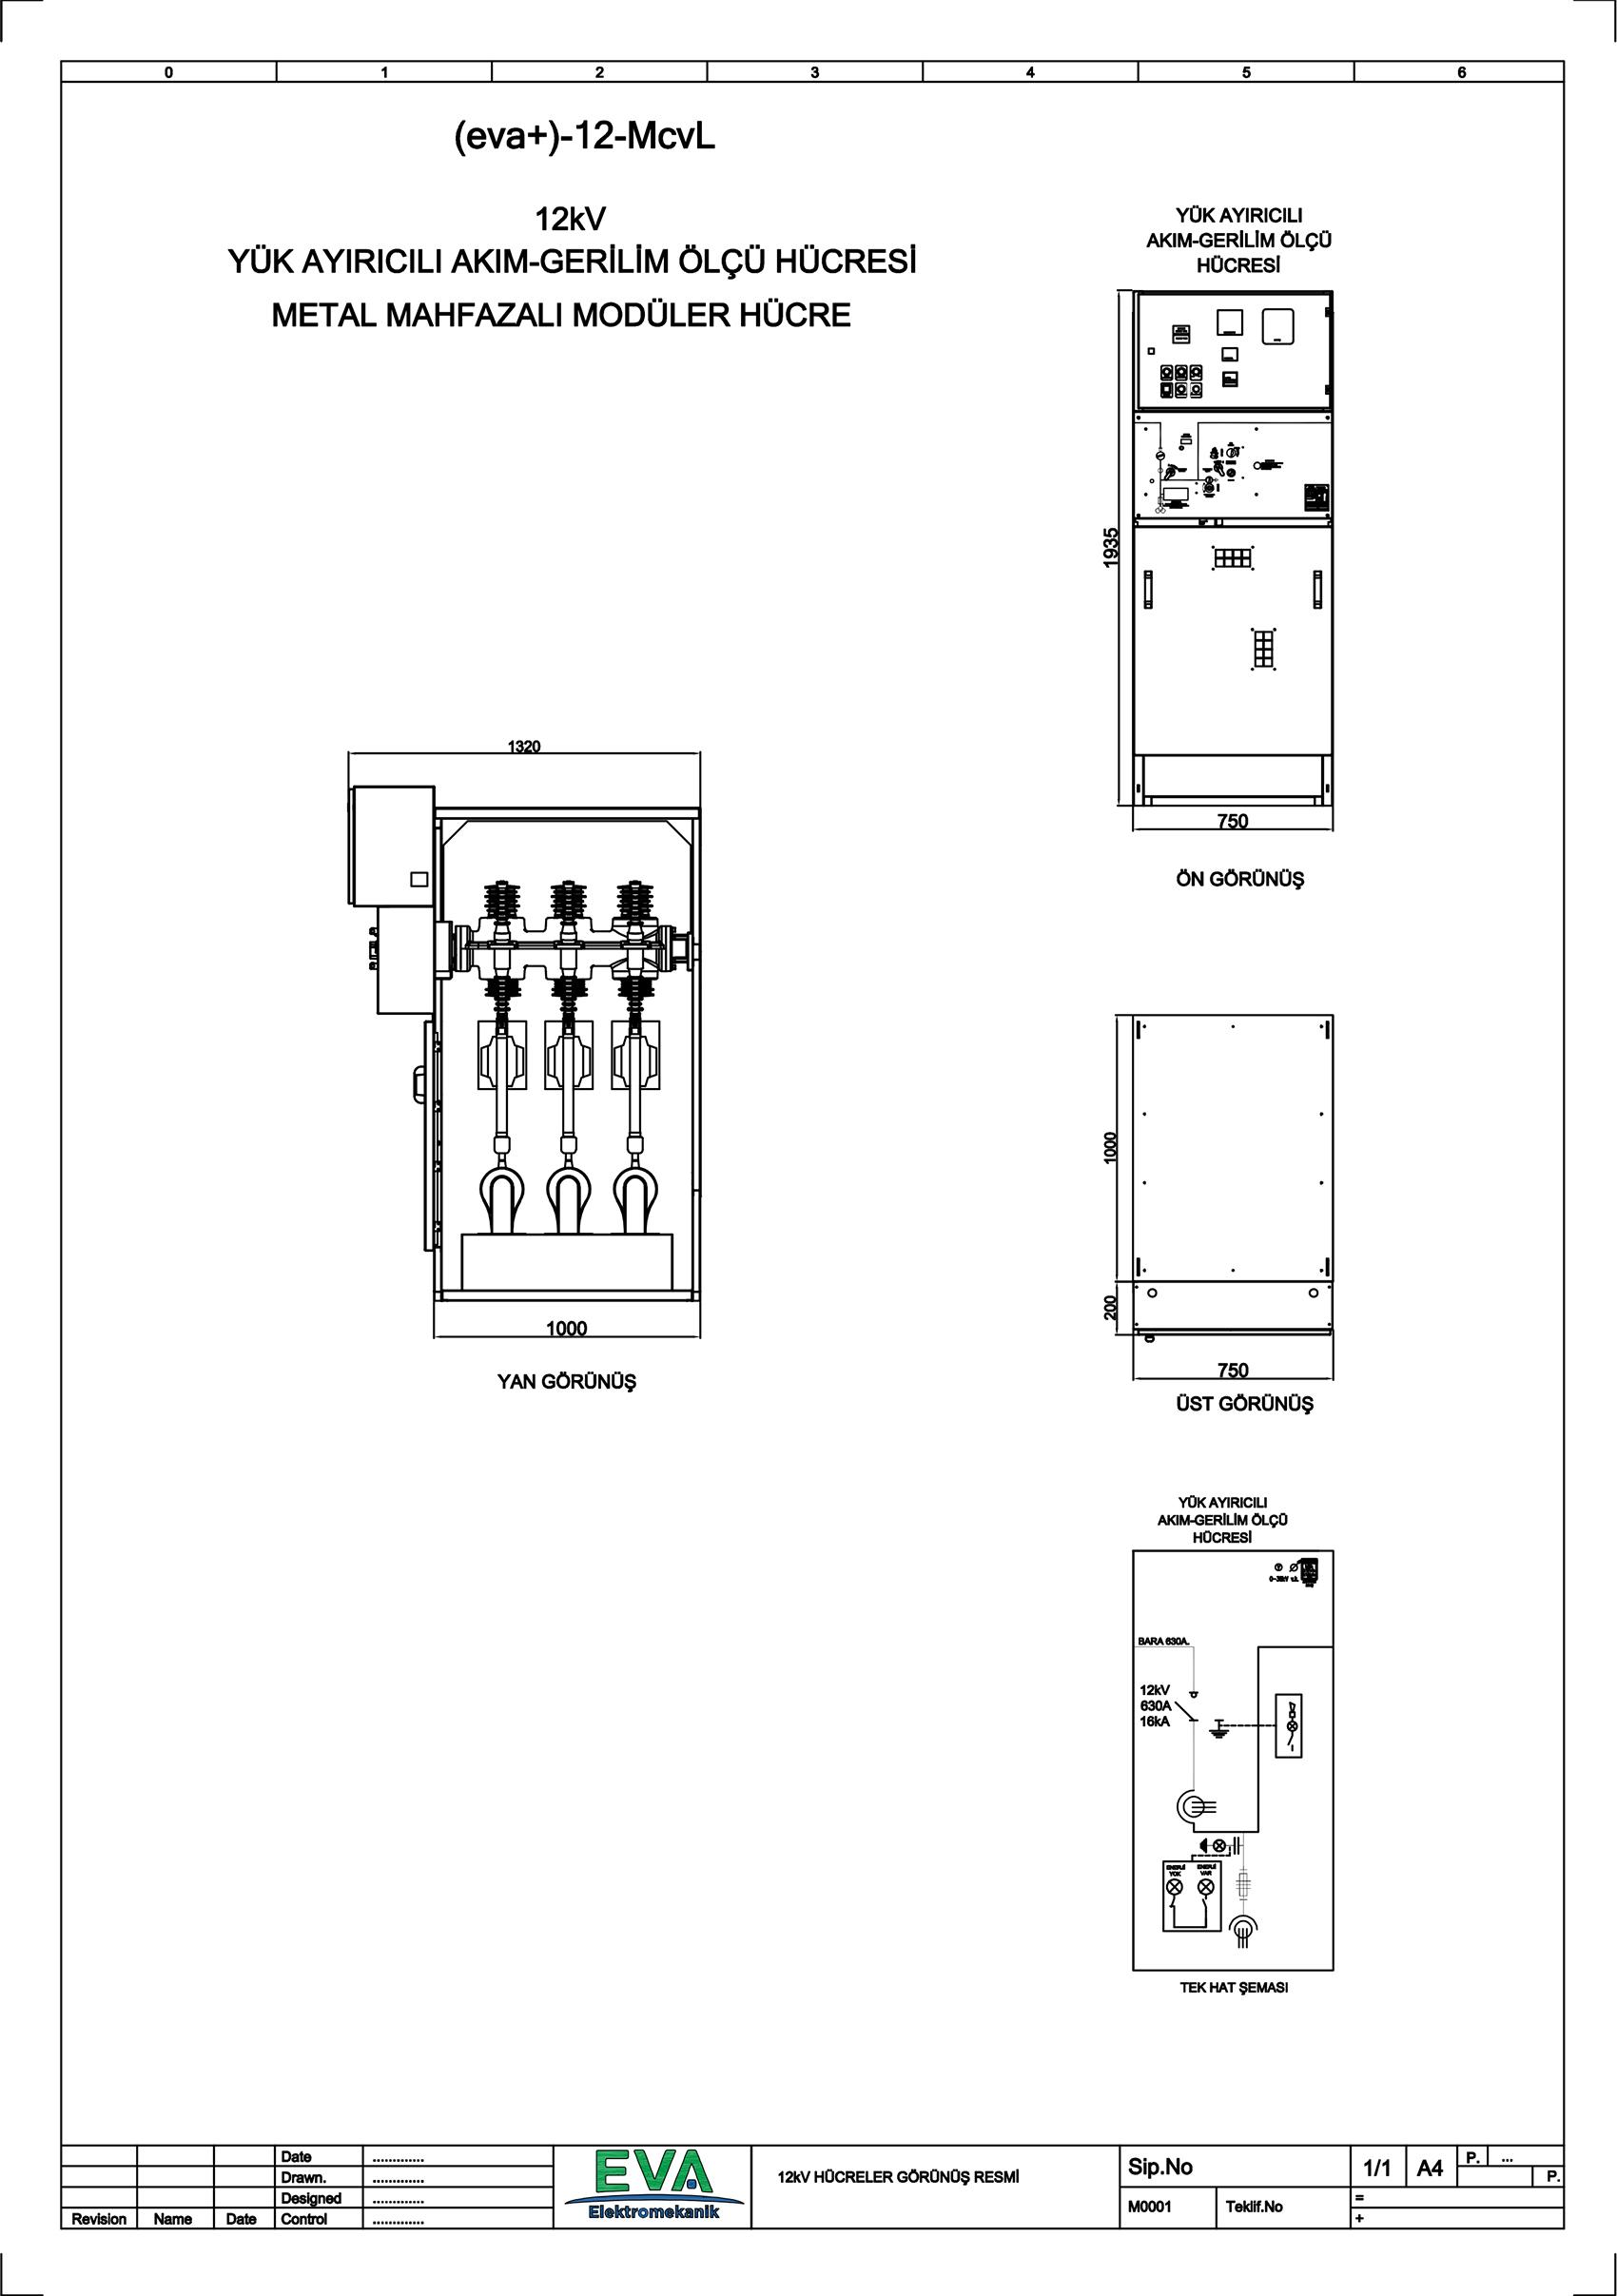 EVA+-12-McvL Yük Ayırıcılı Akım Gerilim Ölçü Hücresi (Metal Mahfazalı Modüler Hücre)